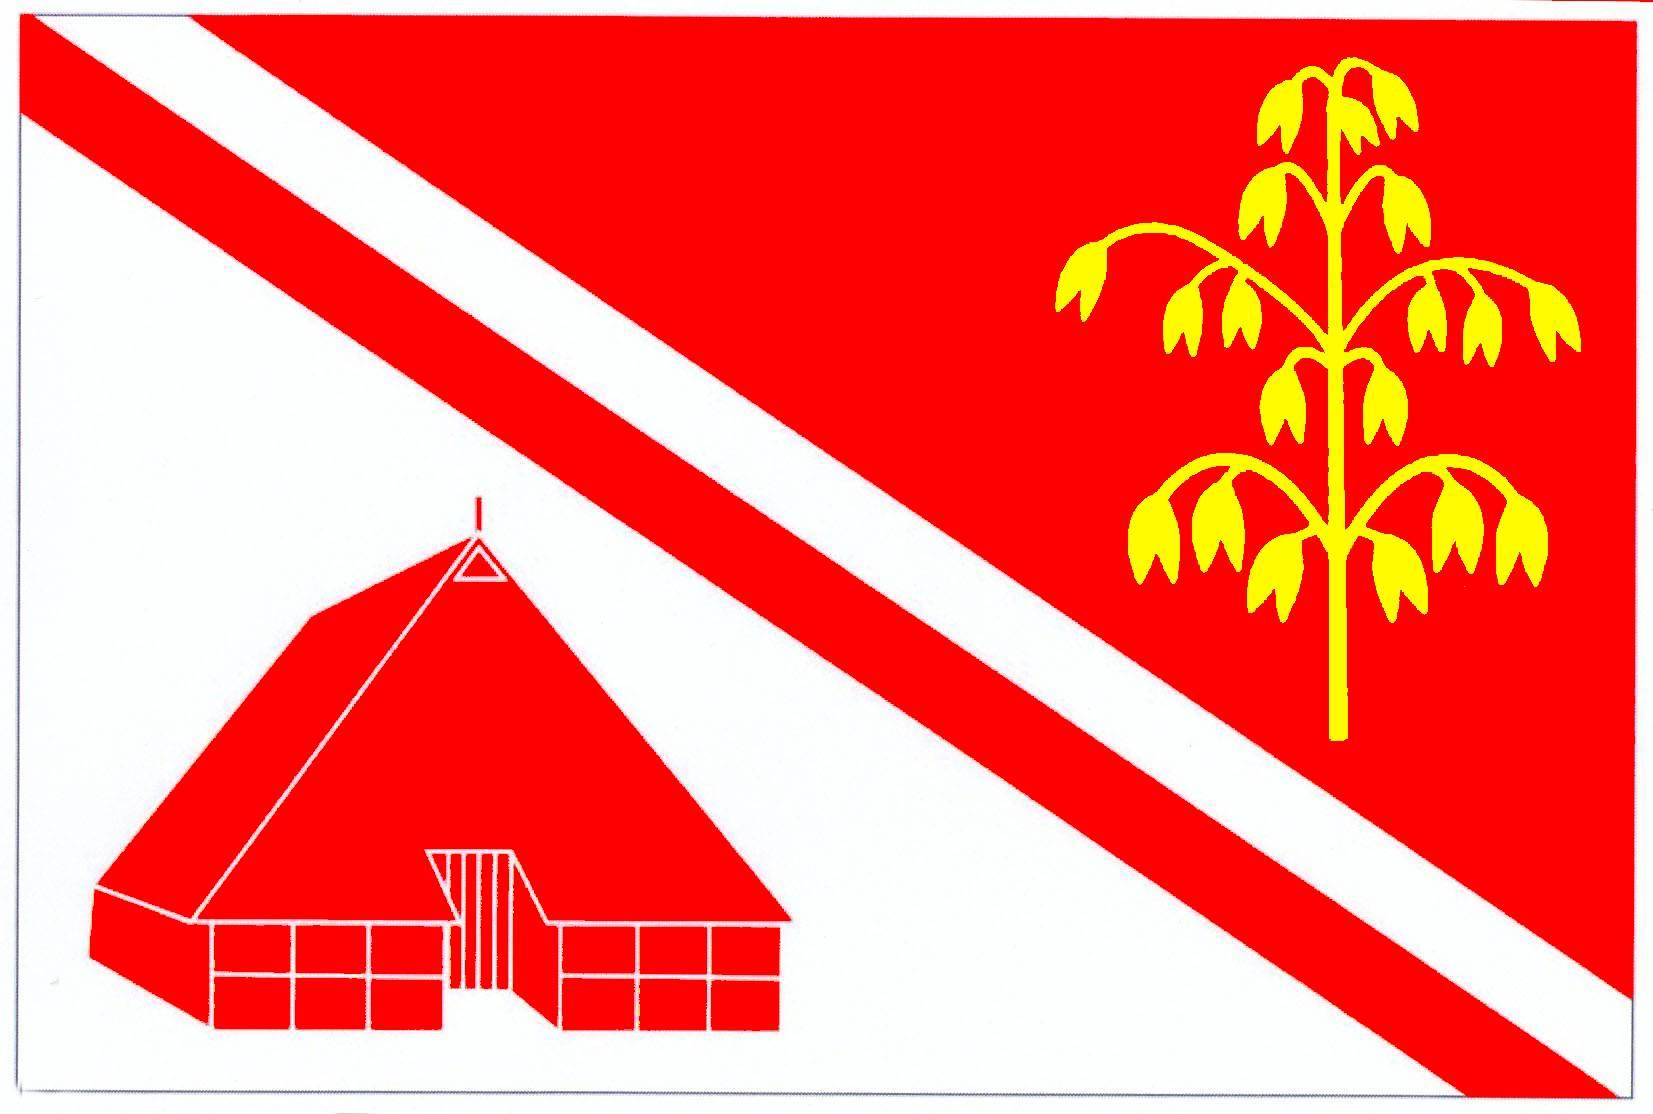 Flagge GemeindeBesdorf, Kreis Steinburg